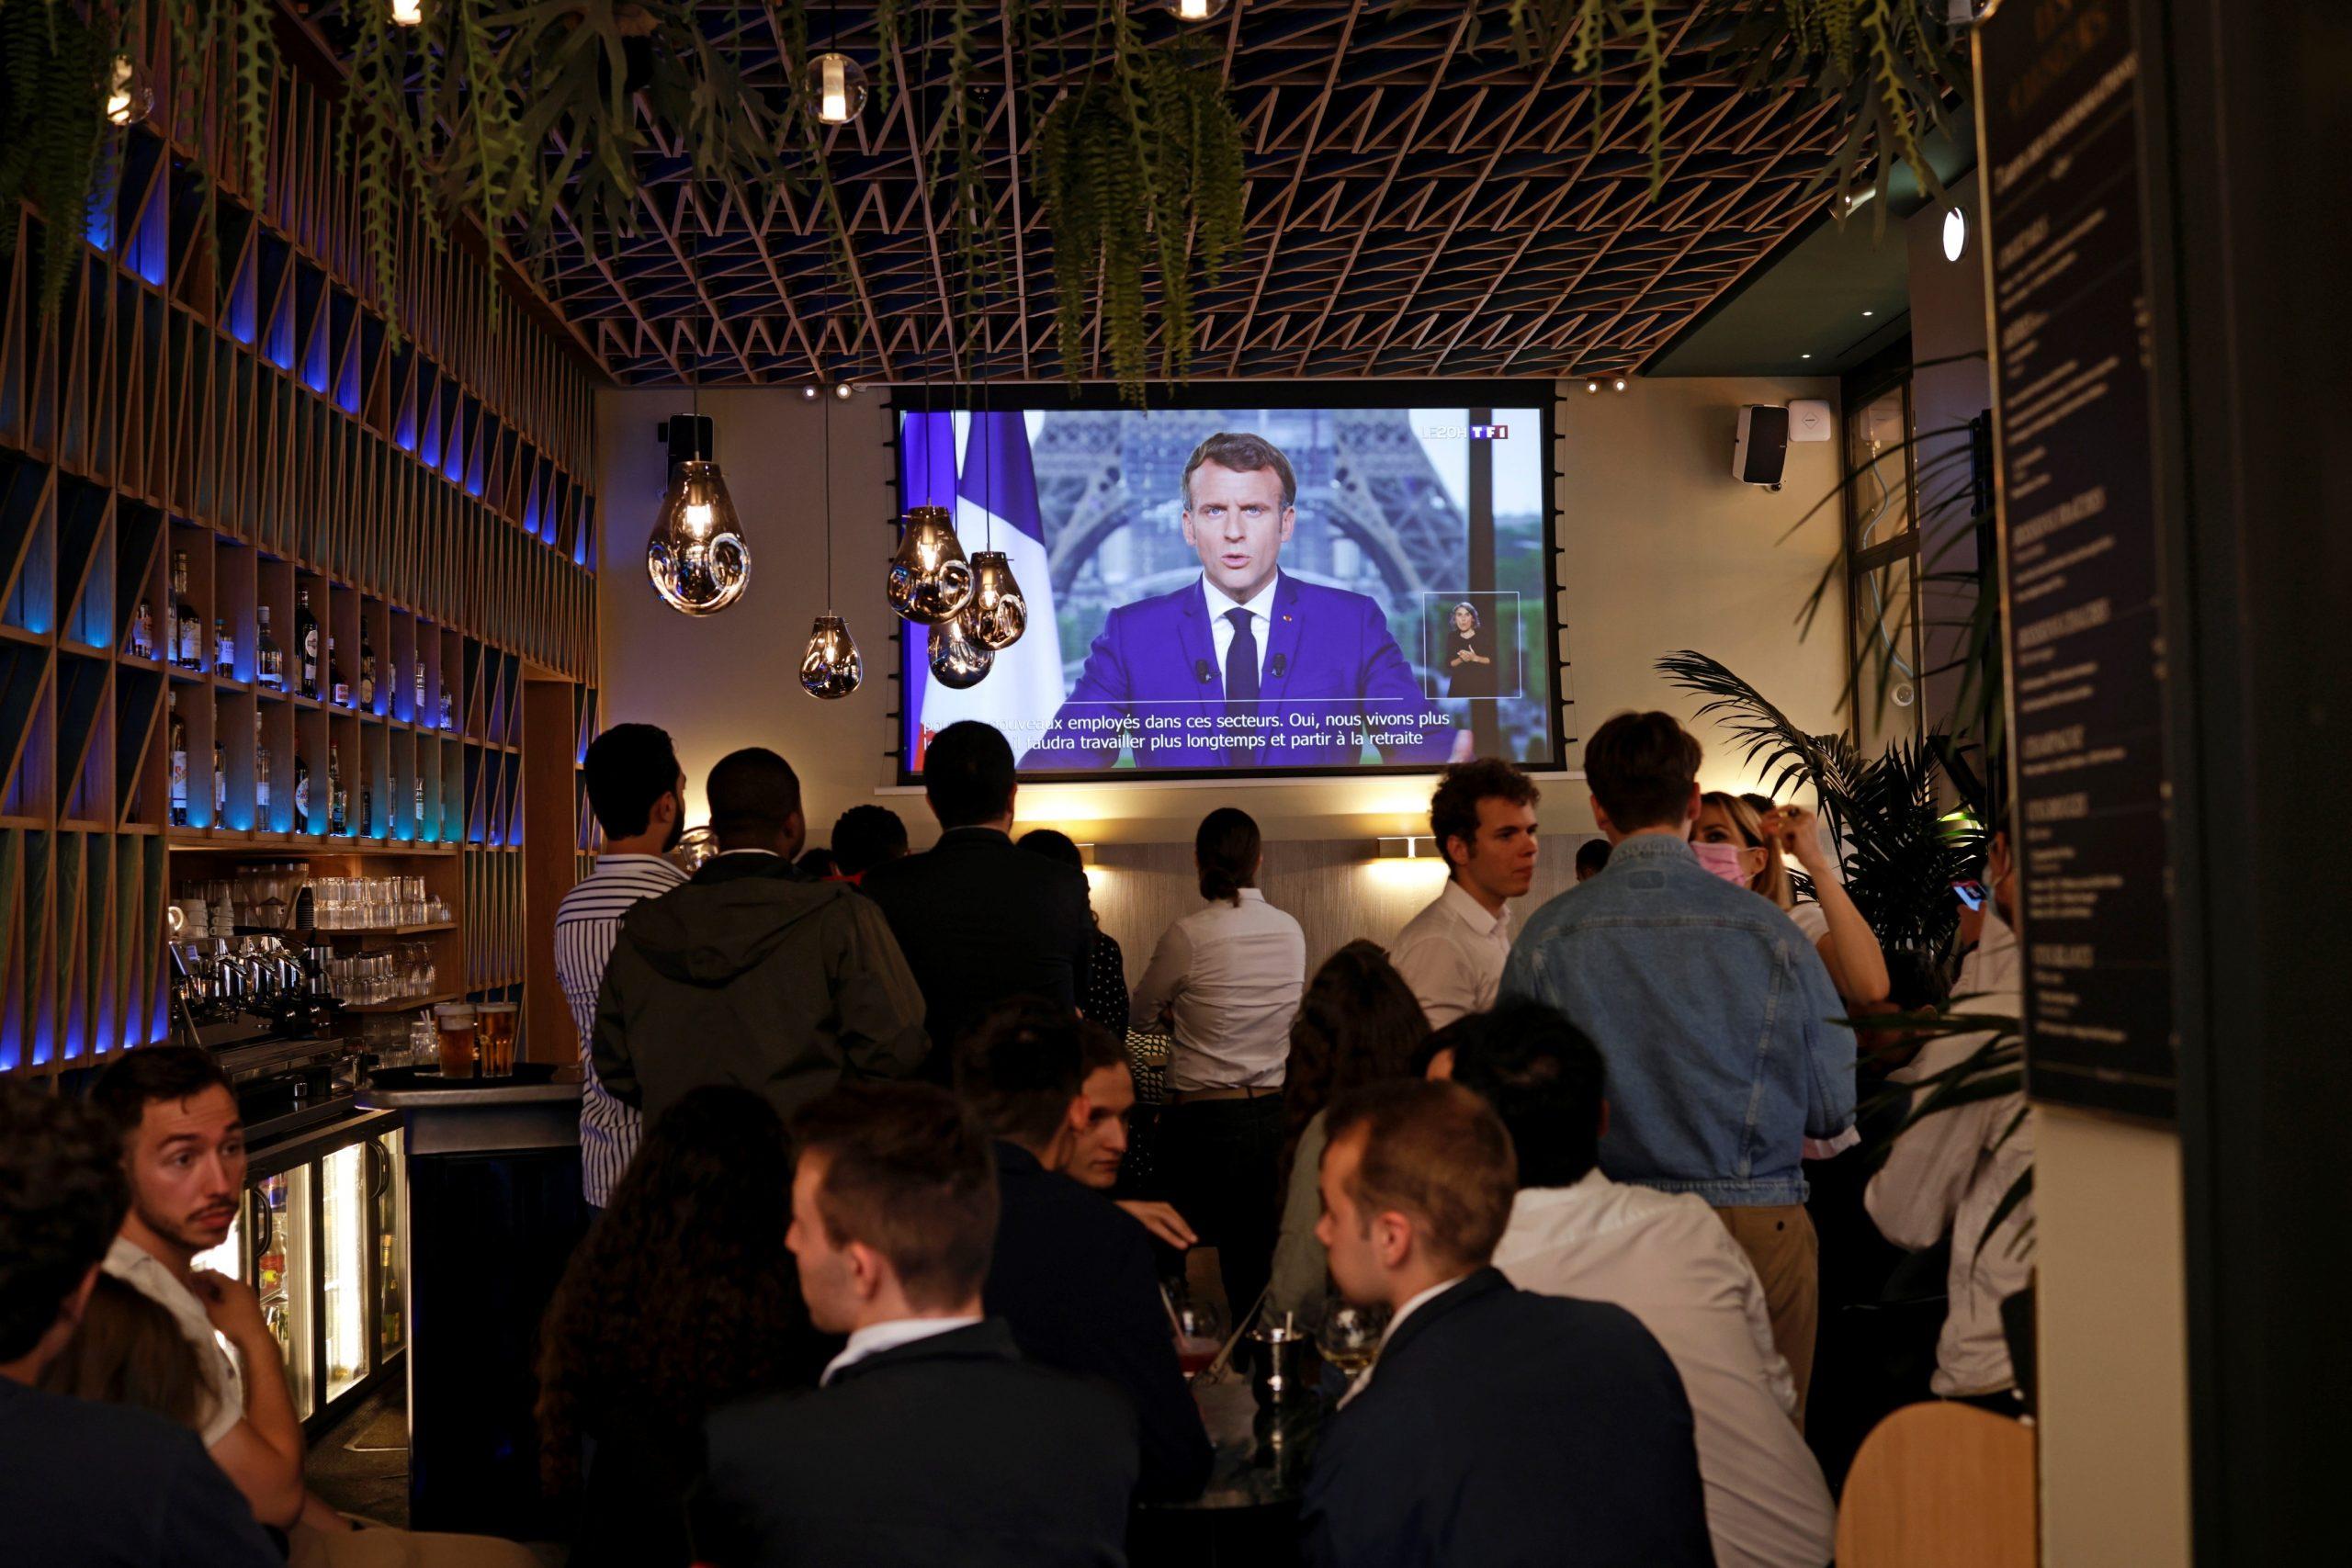 Clientes de un bar ven al presidente francés Emmanuel Macron dirigiéndose por televisión a la nación para anunciar medidas mejoradas para combatir la propagación del COVID-19, mientras Francia enfrenta un posible resurgimiento de la pandemia, en París, Francia, el 12 de julio de 2021. Foto de EFE / EPA / YOAN VALAT.